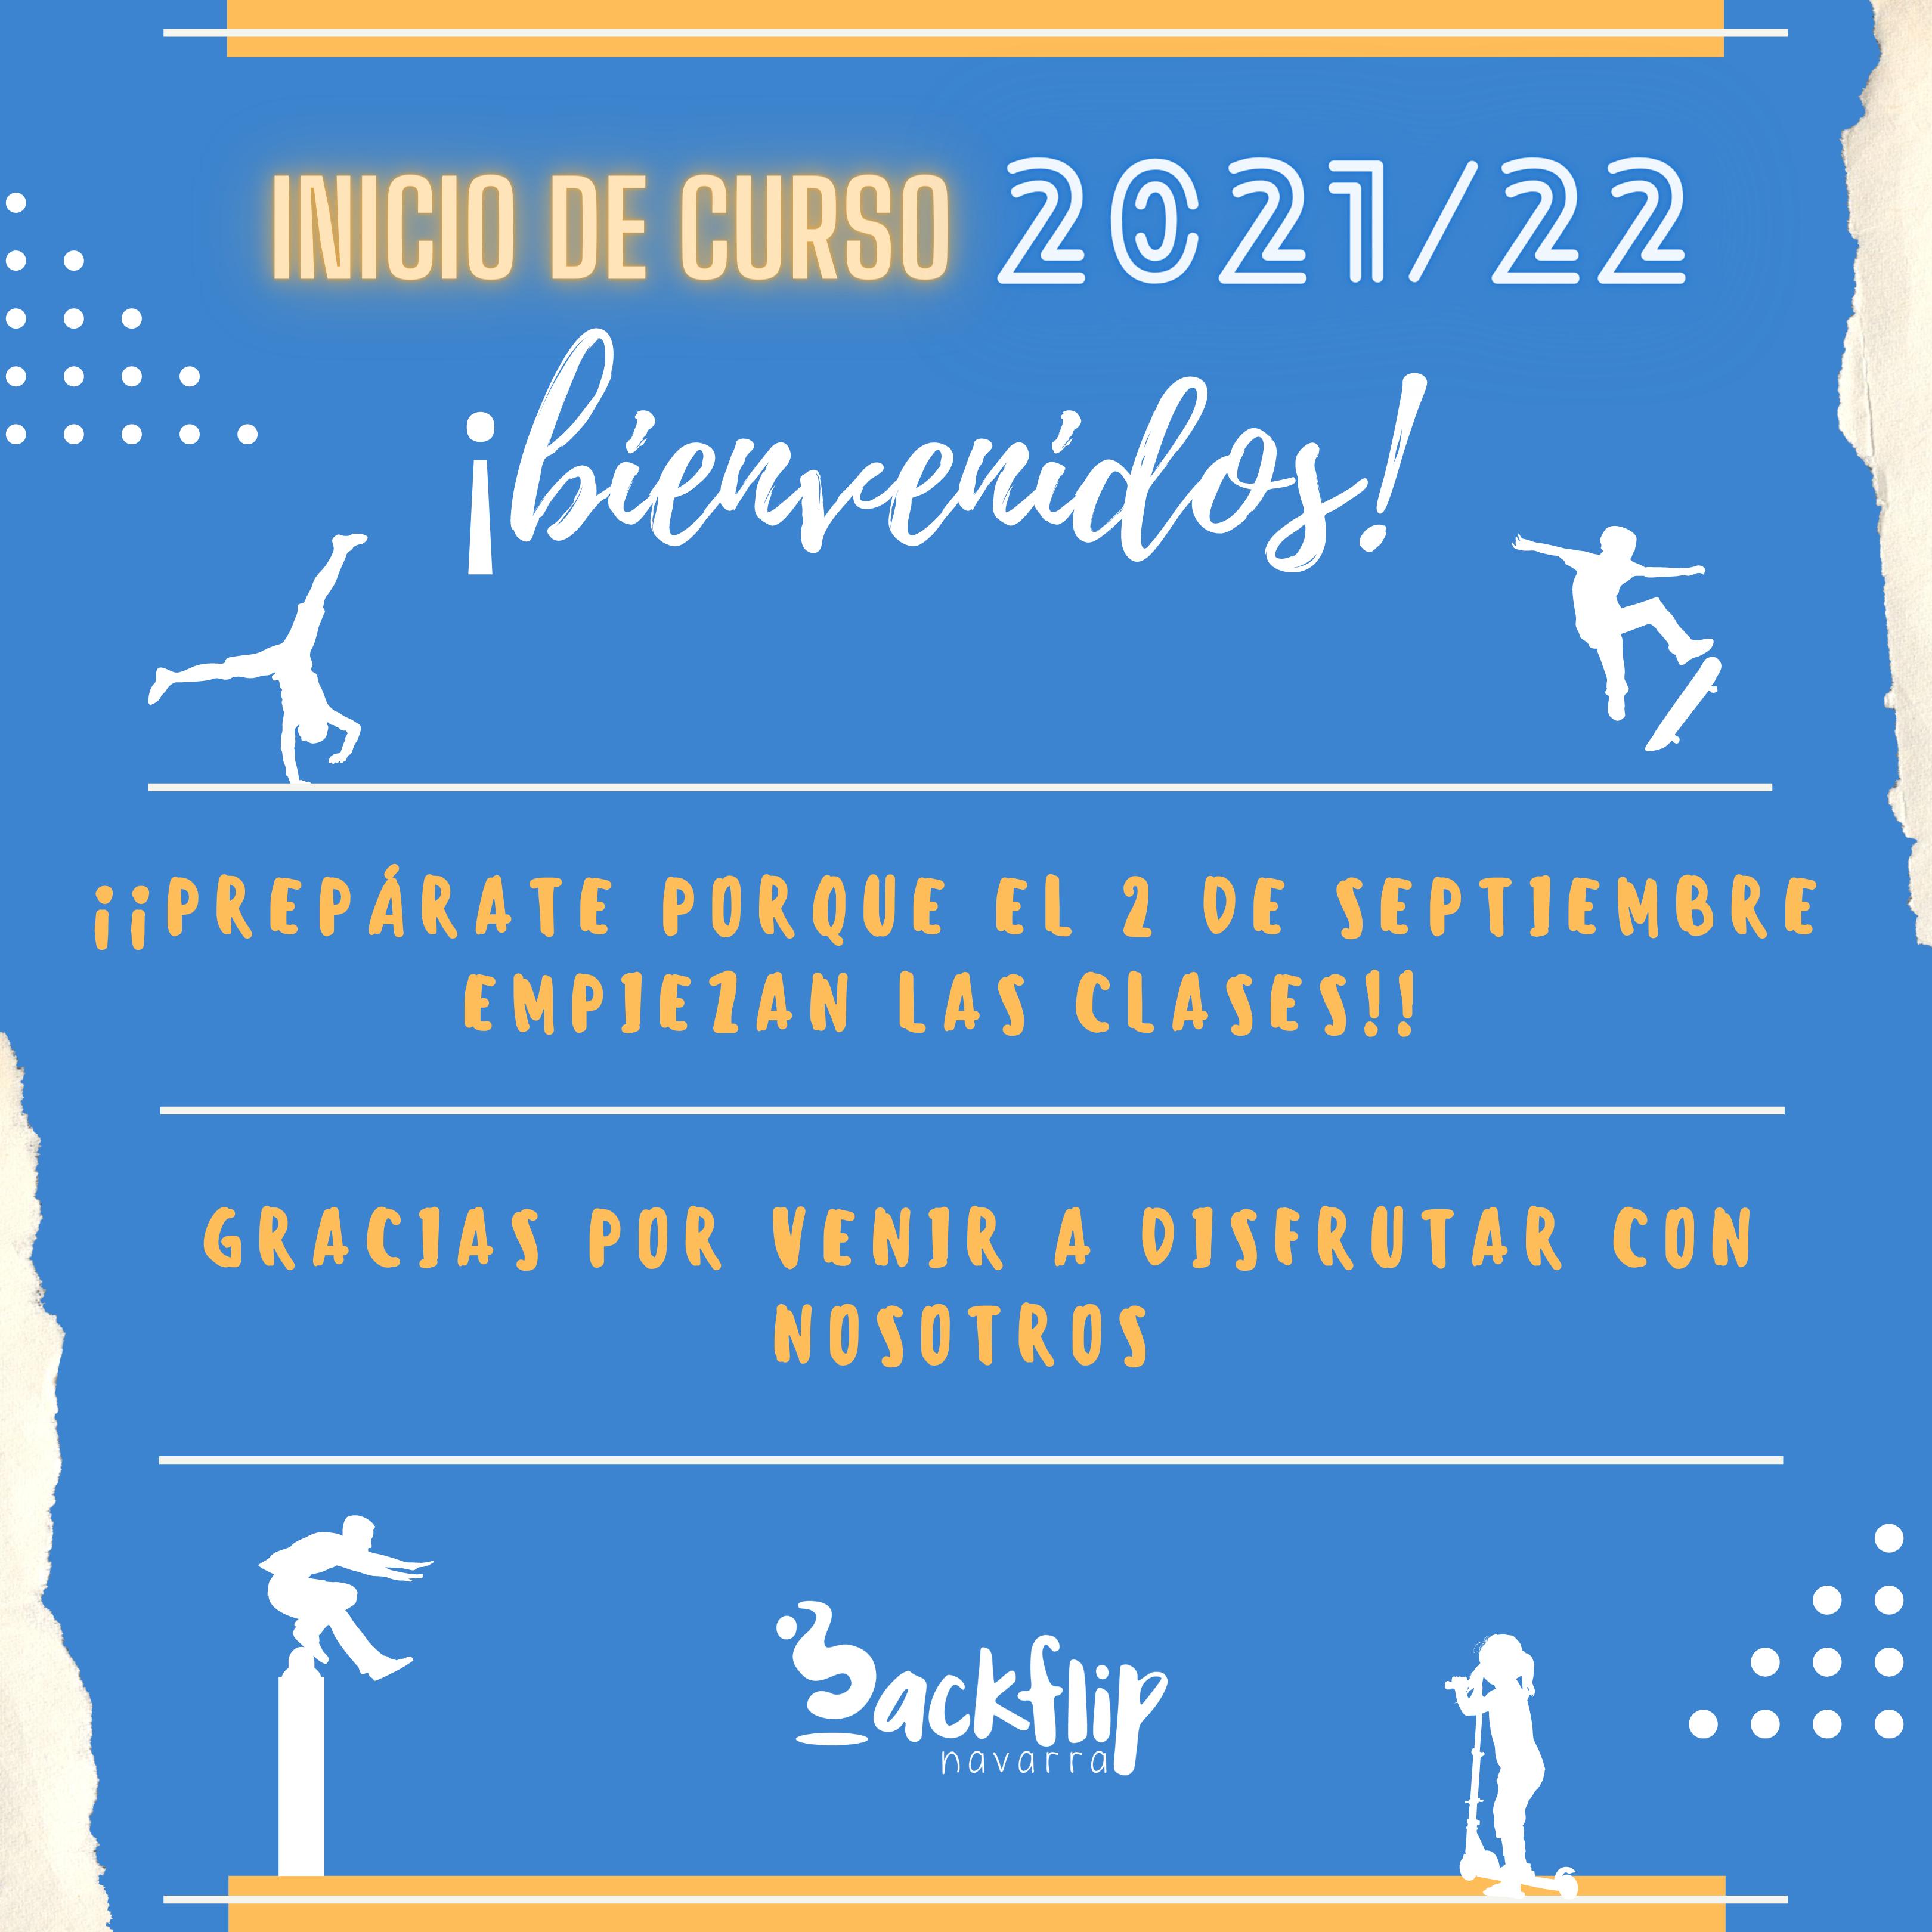 INICIO DE CURSO 2021/2022